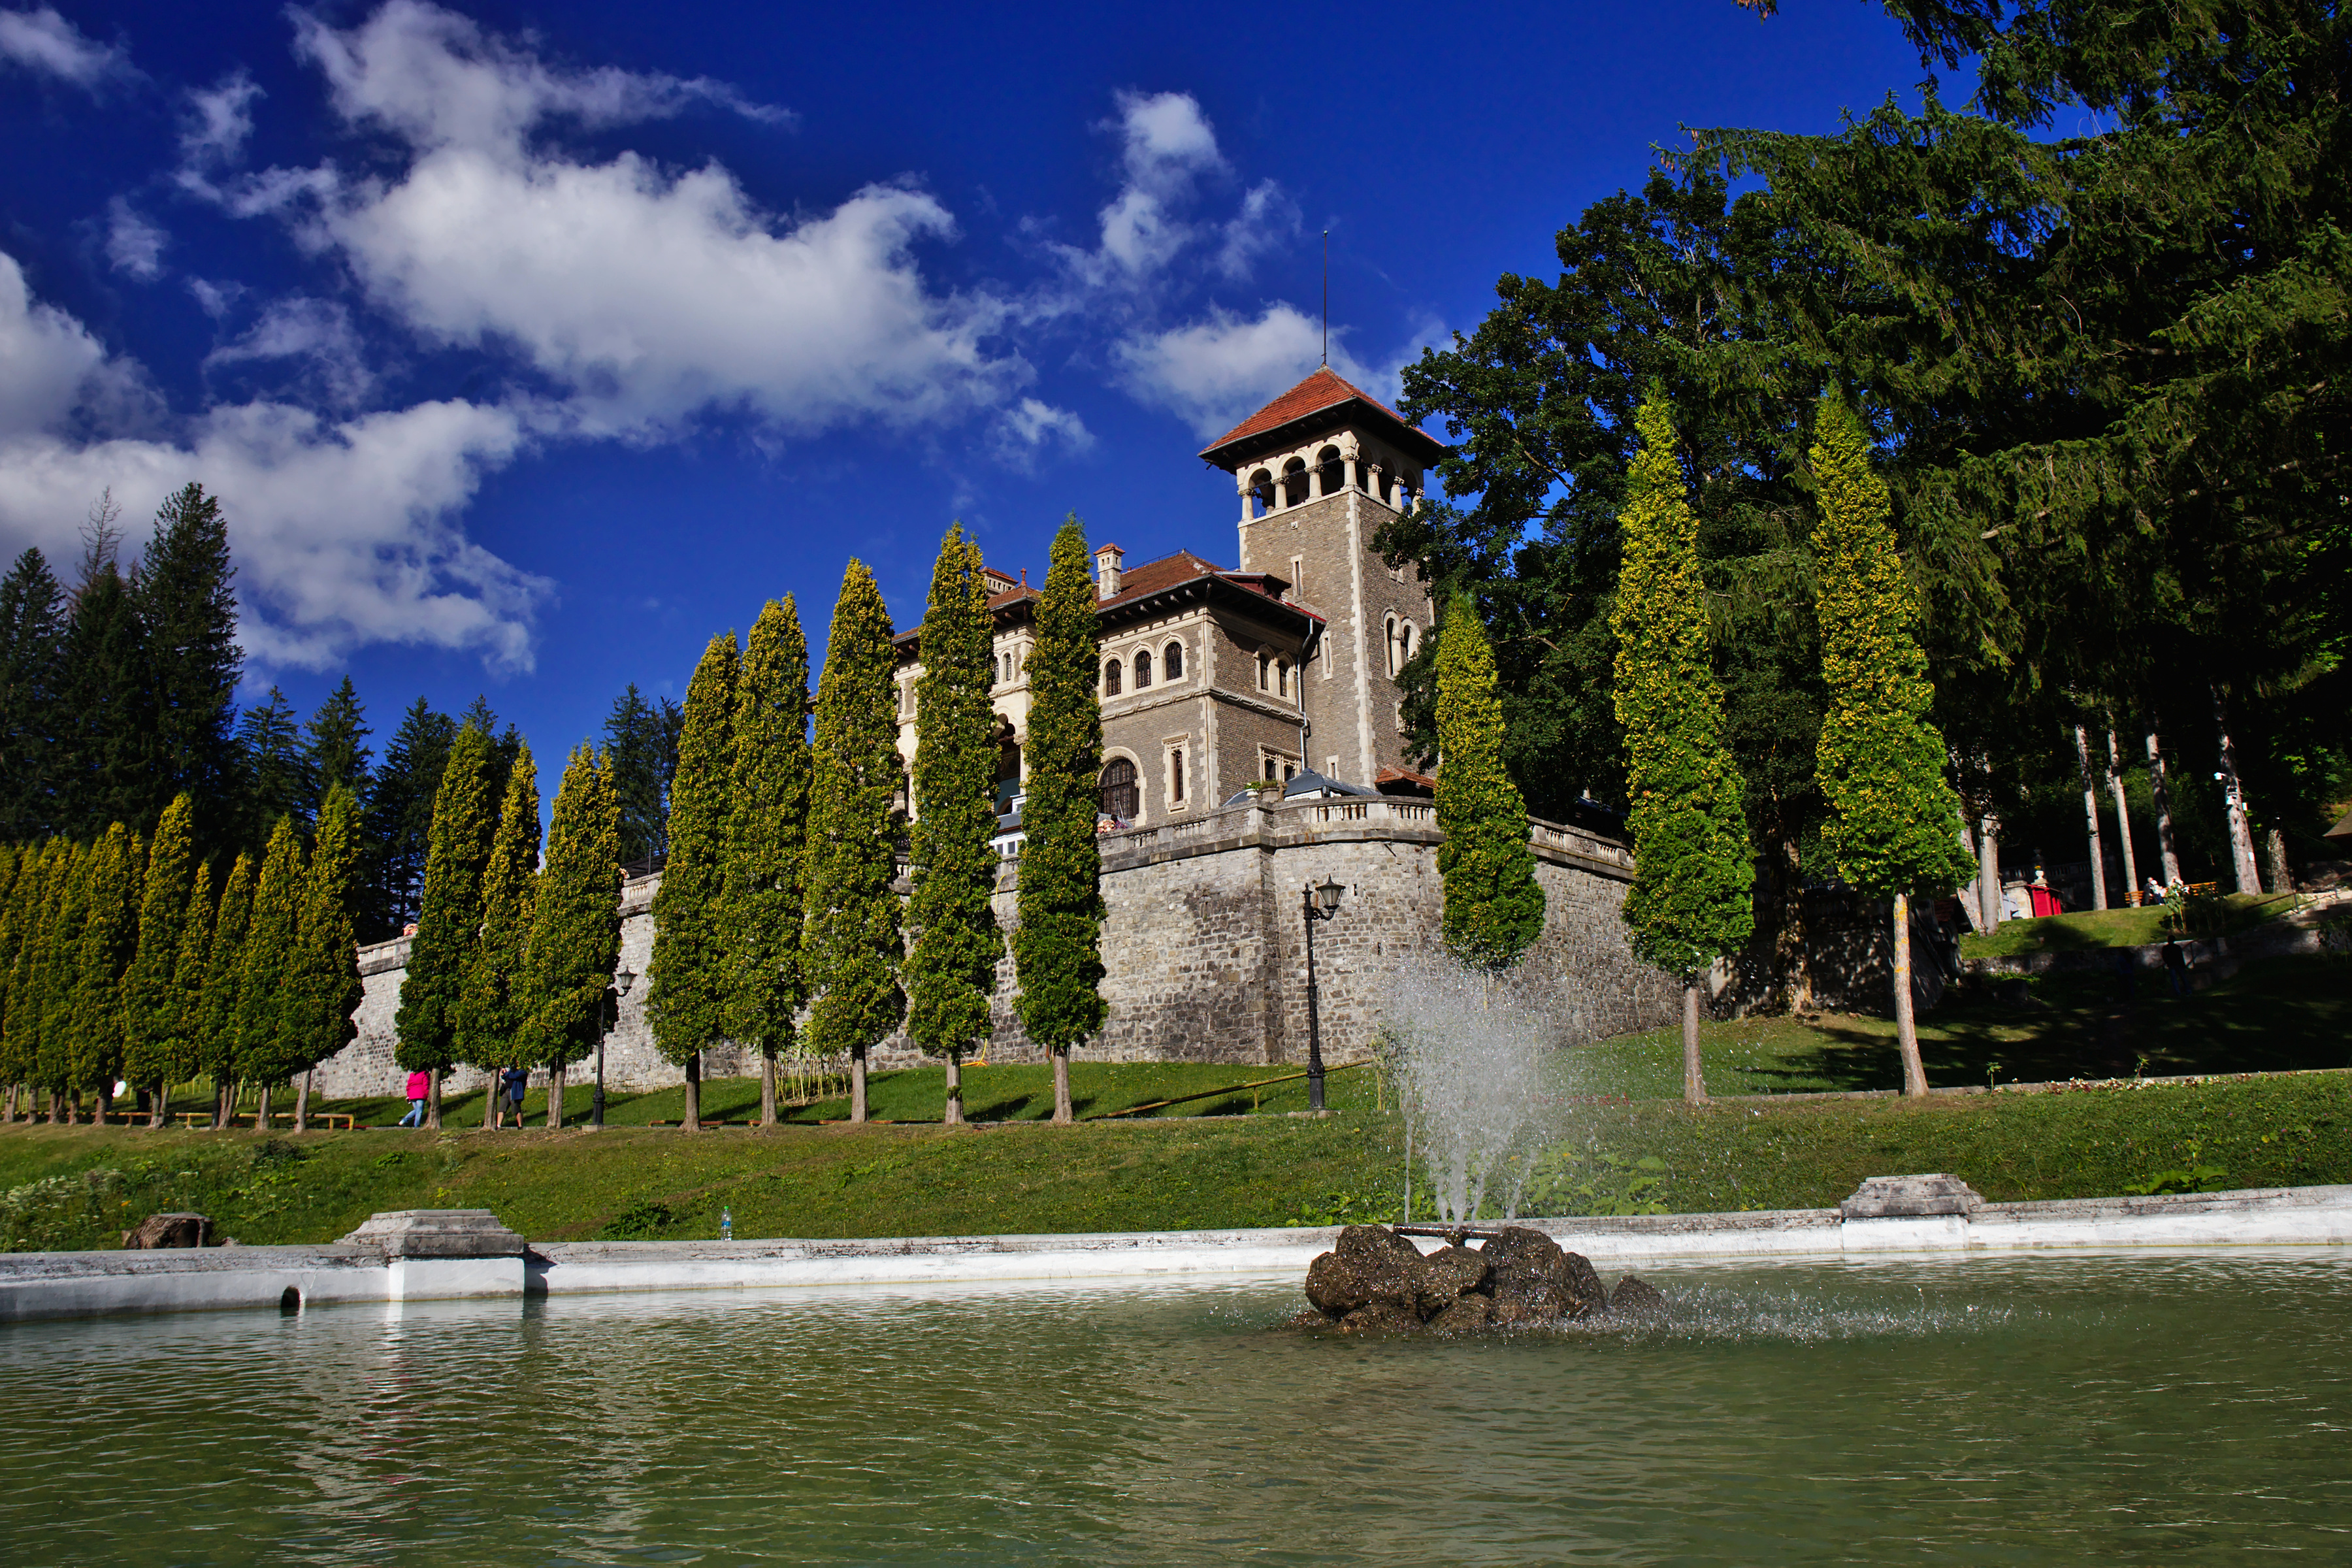 Castelul_Cantacuzino_din_Bușteni_01